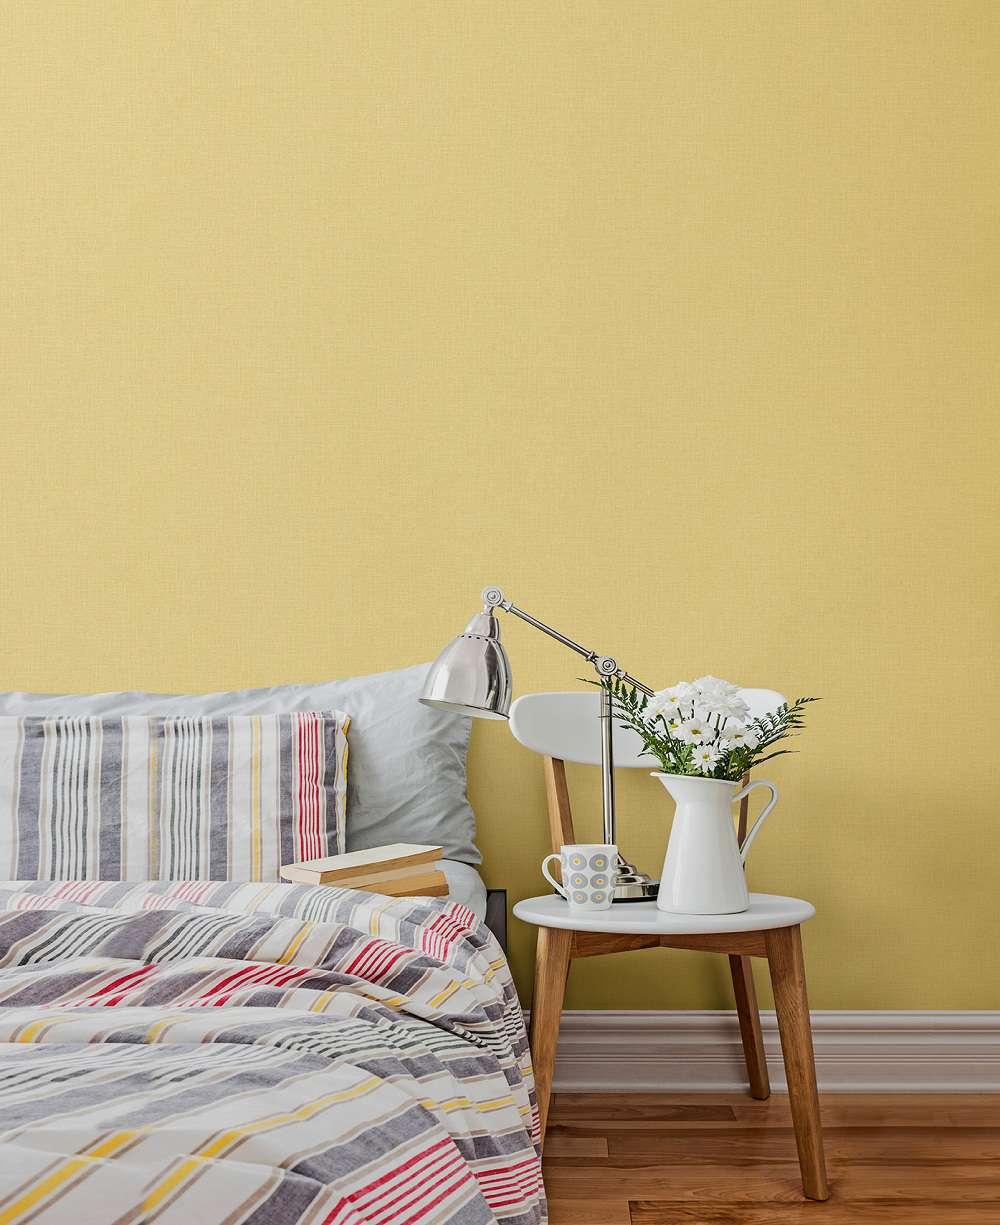 Mẫu giấy dán tường màu vàng tươi thường được sử dụng trong dán tường phòng khách